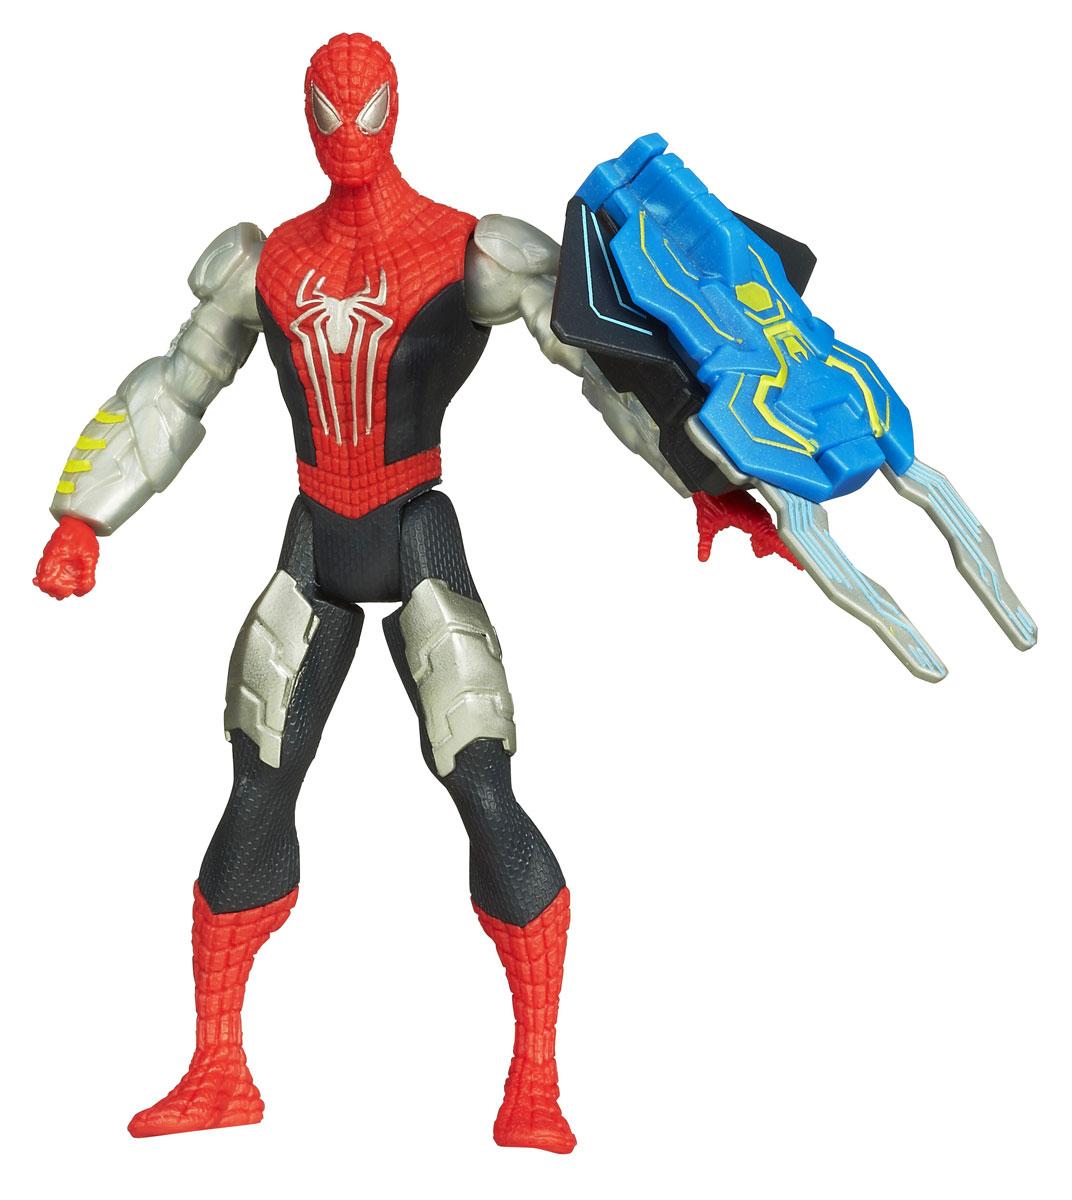 Spider-Man Фигурка Spider StrikeA5700E27_A5701Фигурка Spider-man Spider Strike станет прекрасным подарком для вашего ребенка. Она выполнена из прочного яркого пластика в виде знаменитого супергероя - Человека-паука. Голова, руки и ноги фигурки подвижны, что позволит придавать Человеку-пауку различные позы. В комплект также входит его грозное оружие со встроенным магнитом, раскладывающееся при прикосновении к руке фигурки. Ваш ребенок будет часами играть с этой фигуркой, придумывая различные истории с участием любимого героя. Человек-паук - супергерой, получивший суперсилу, увеличенную ловкость, паучье чутье, а также способность держаться на отвесных поверхностях и выпускать паутину из рук. Теперь он готов наказать злодеев, которые покушаются но покой его родного города! Характеристики: Высота фигурки: 10,5 см.